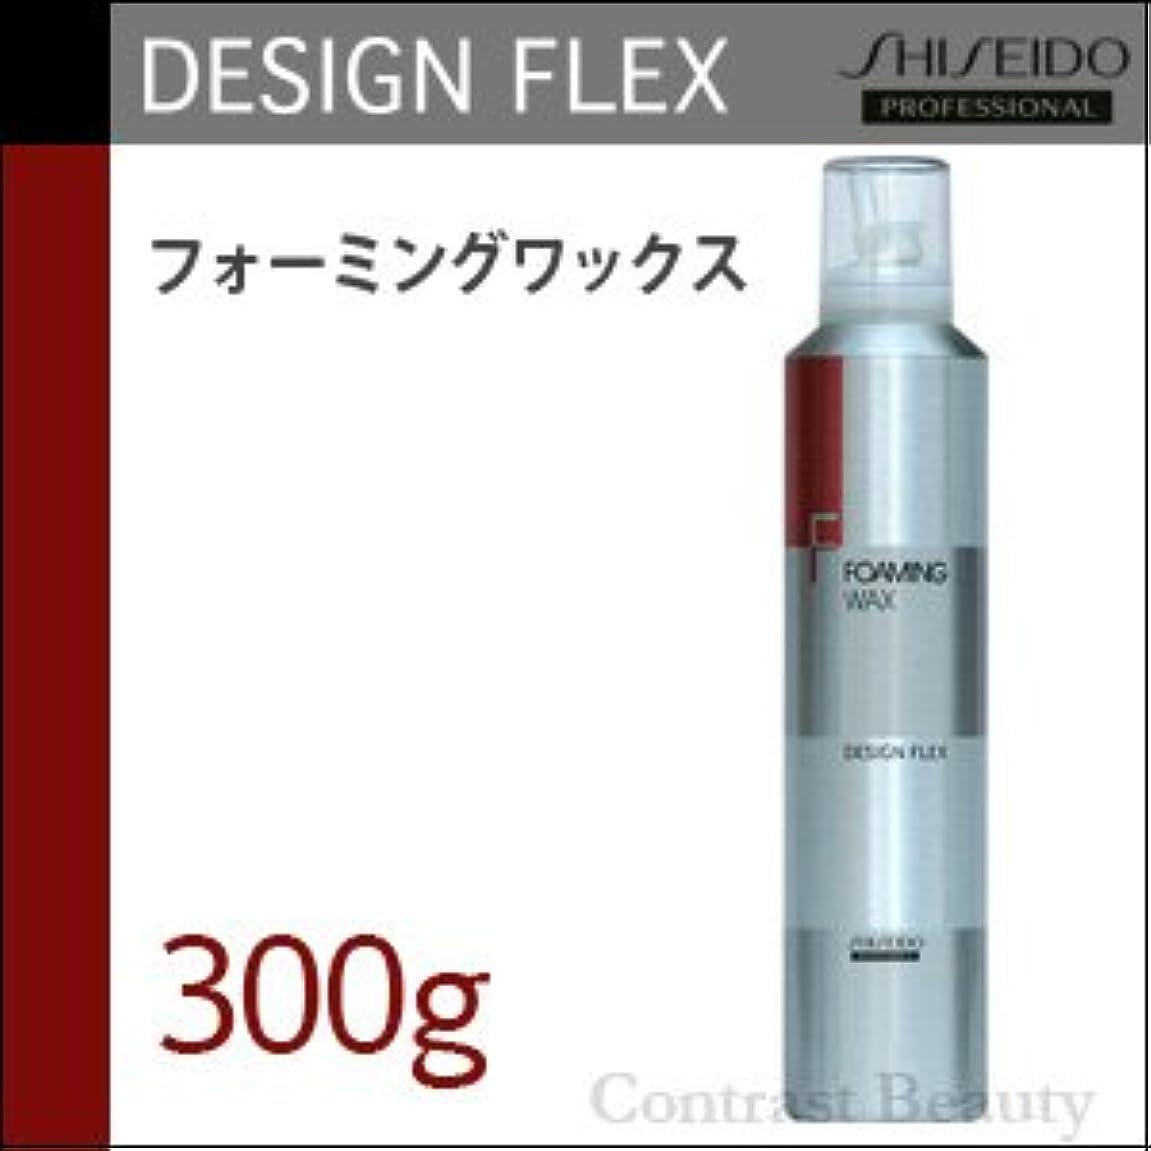 育成資格情報湿原【x4個セット】 資生堂 デザインフレックス フォーミングワックス 300g